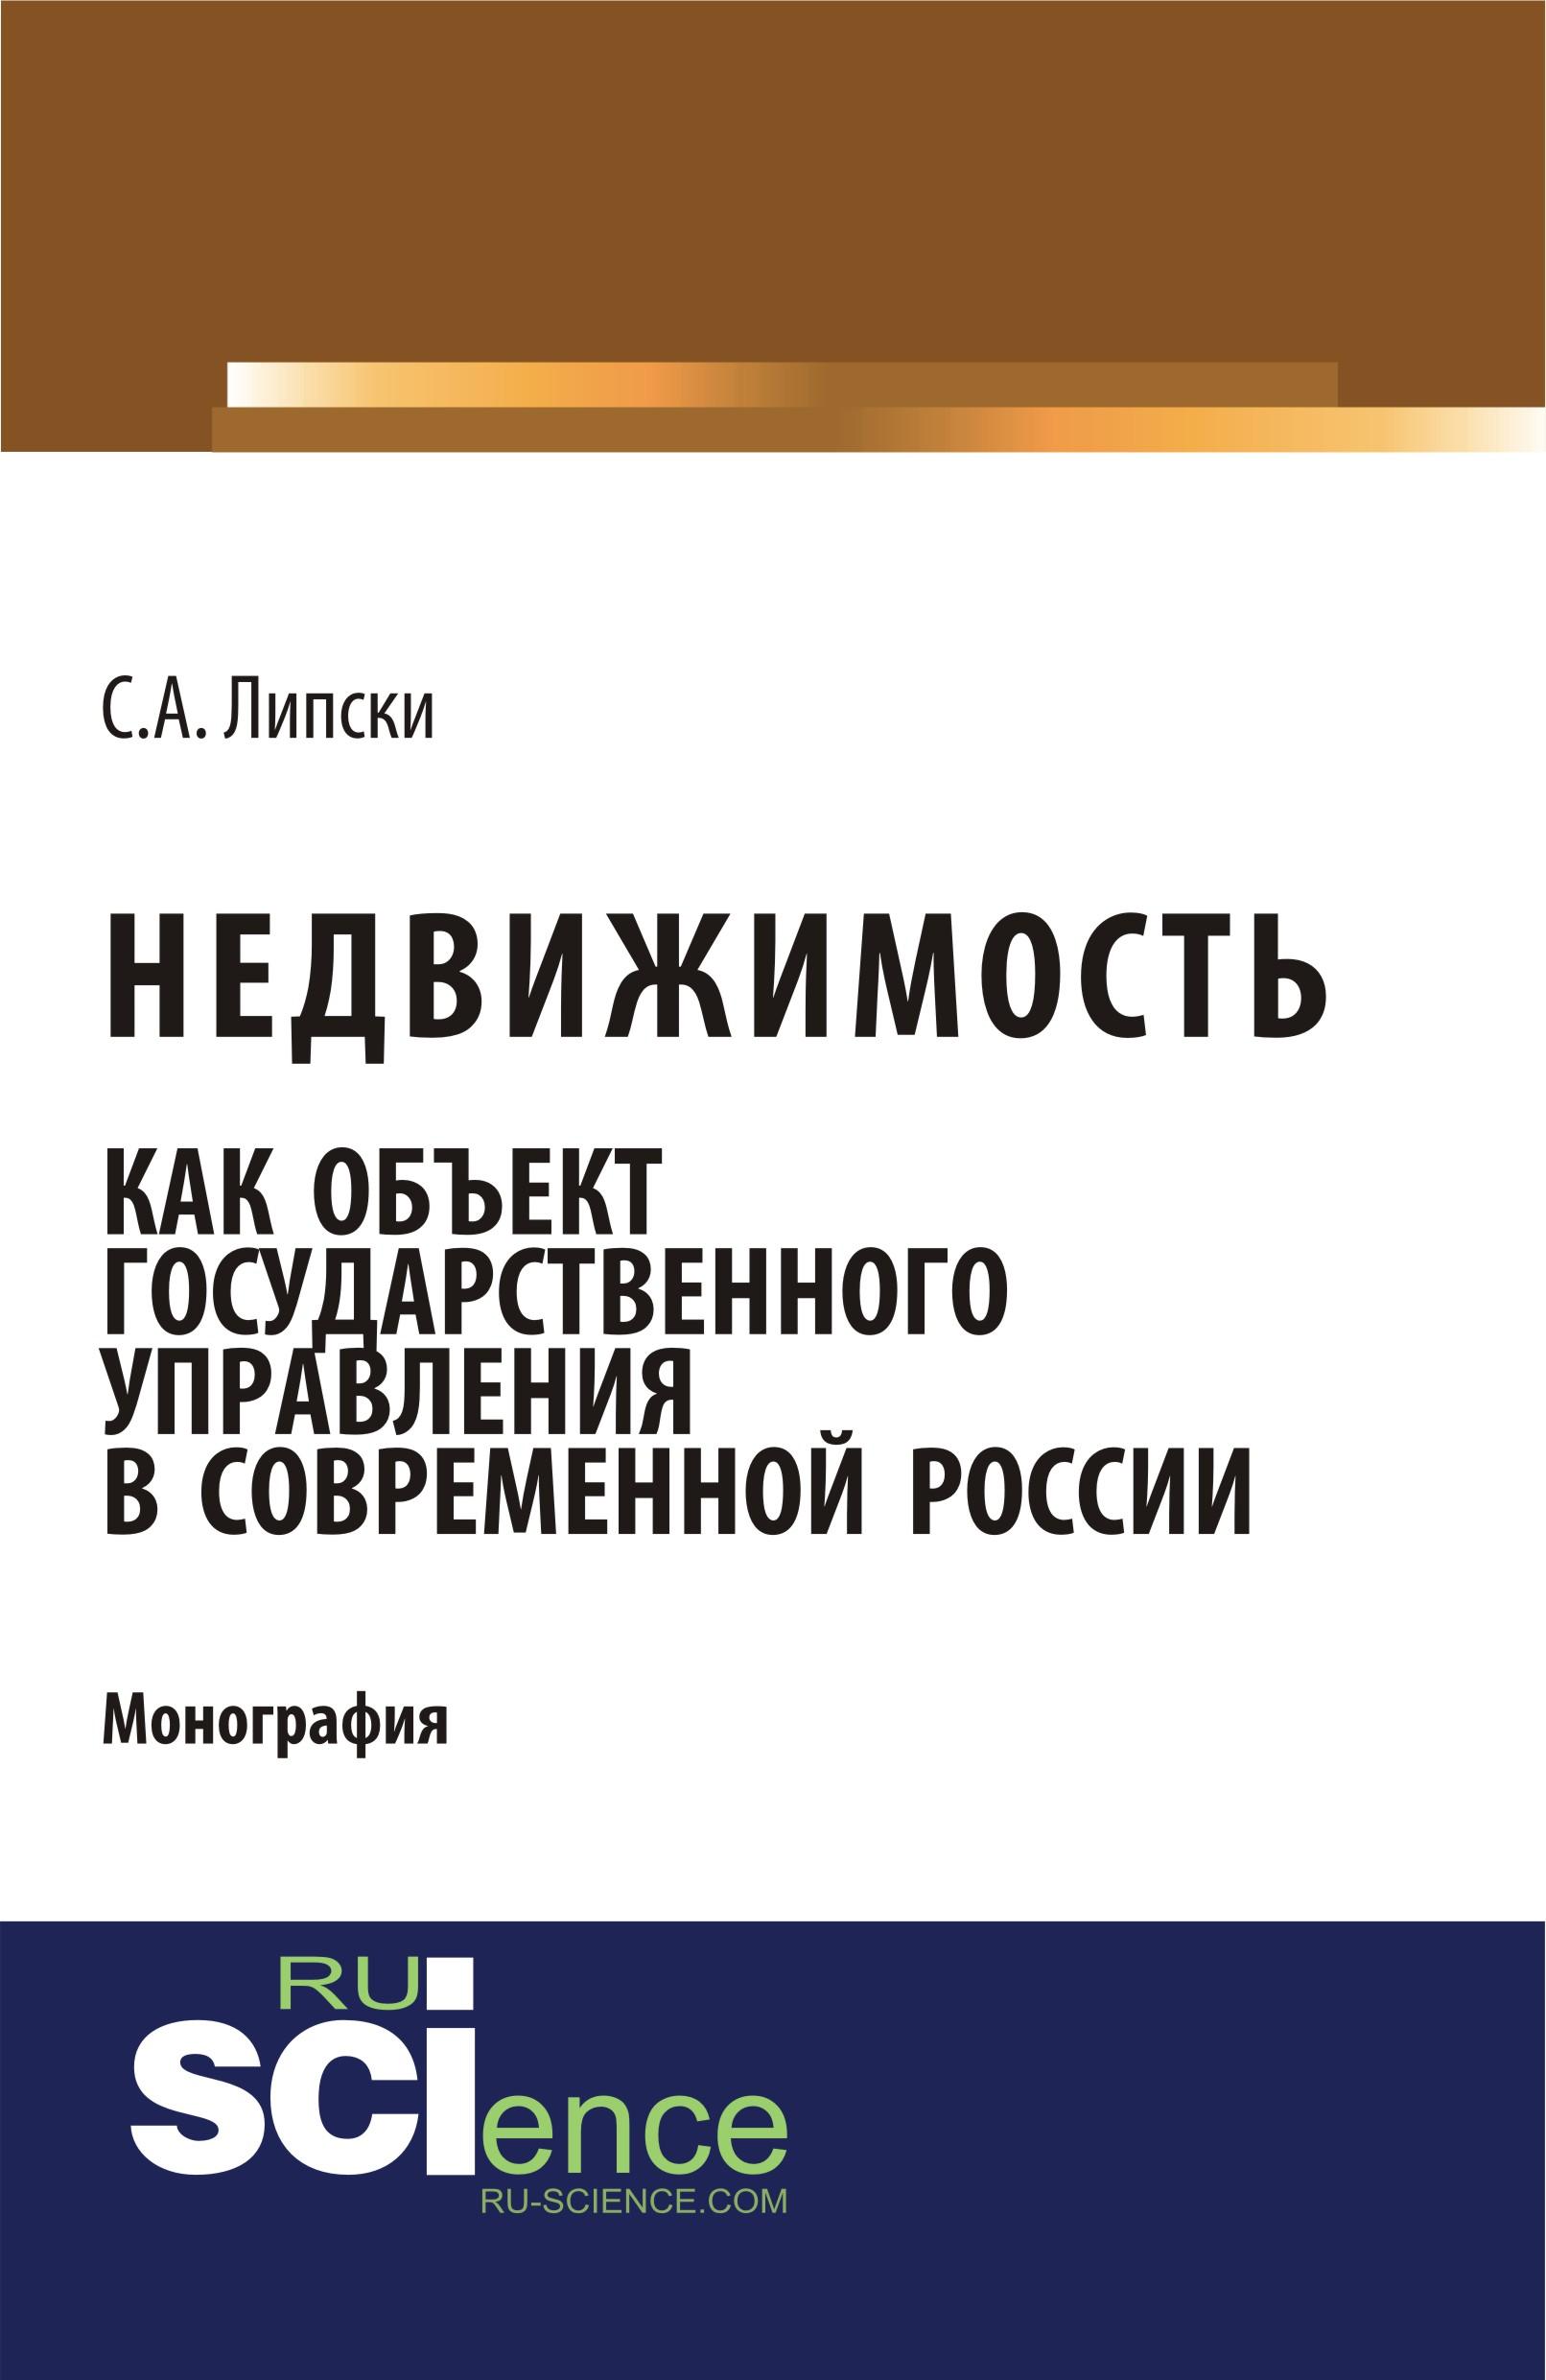 Недвижимость как объект государственного управления в современной России